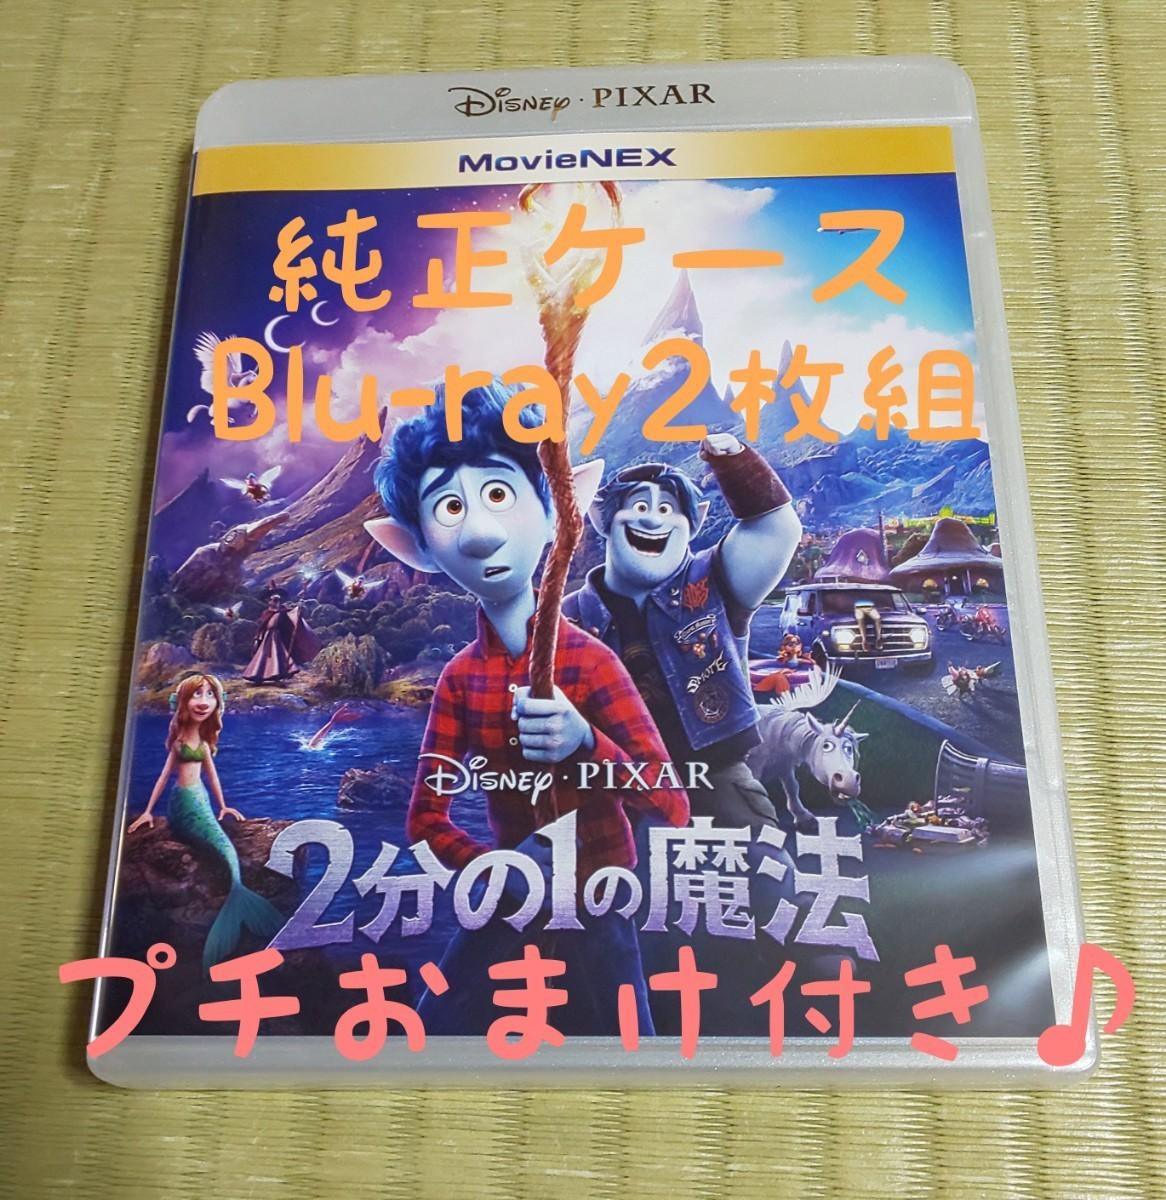 Blu-ray 2分の1の魔法 ディズニー MovieNEX ブルーレイ BD ピクサー Pixar